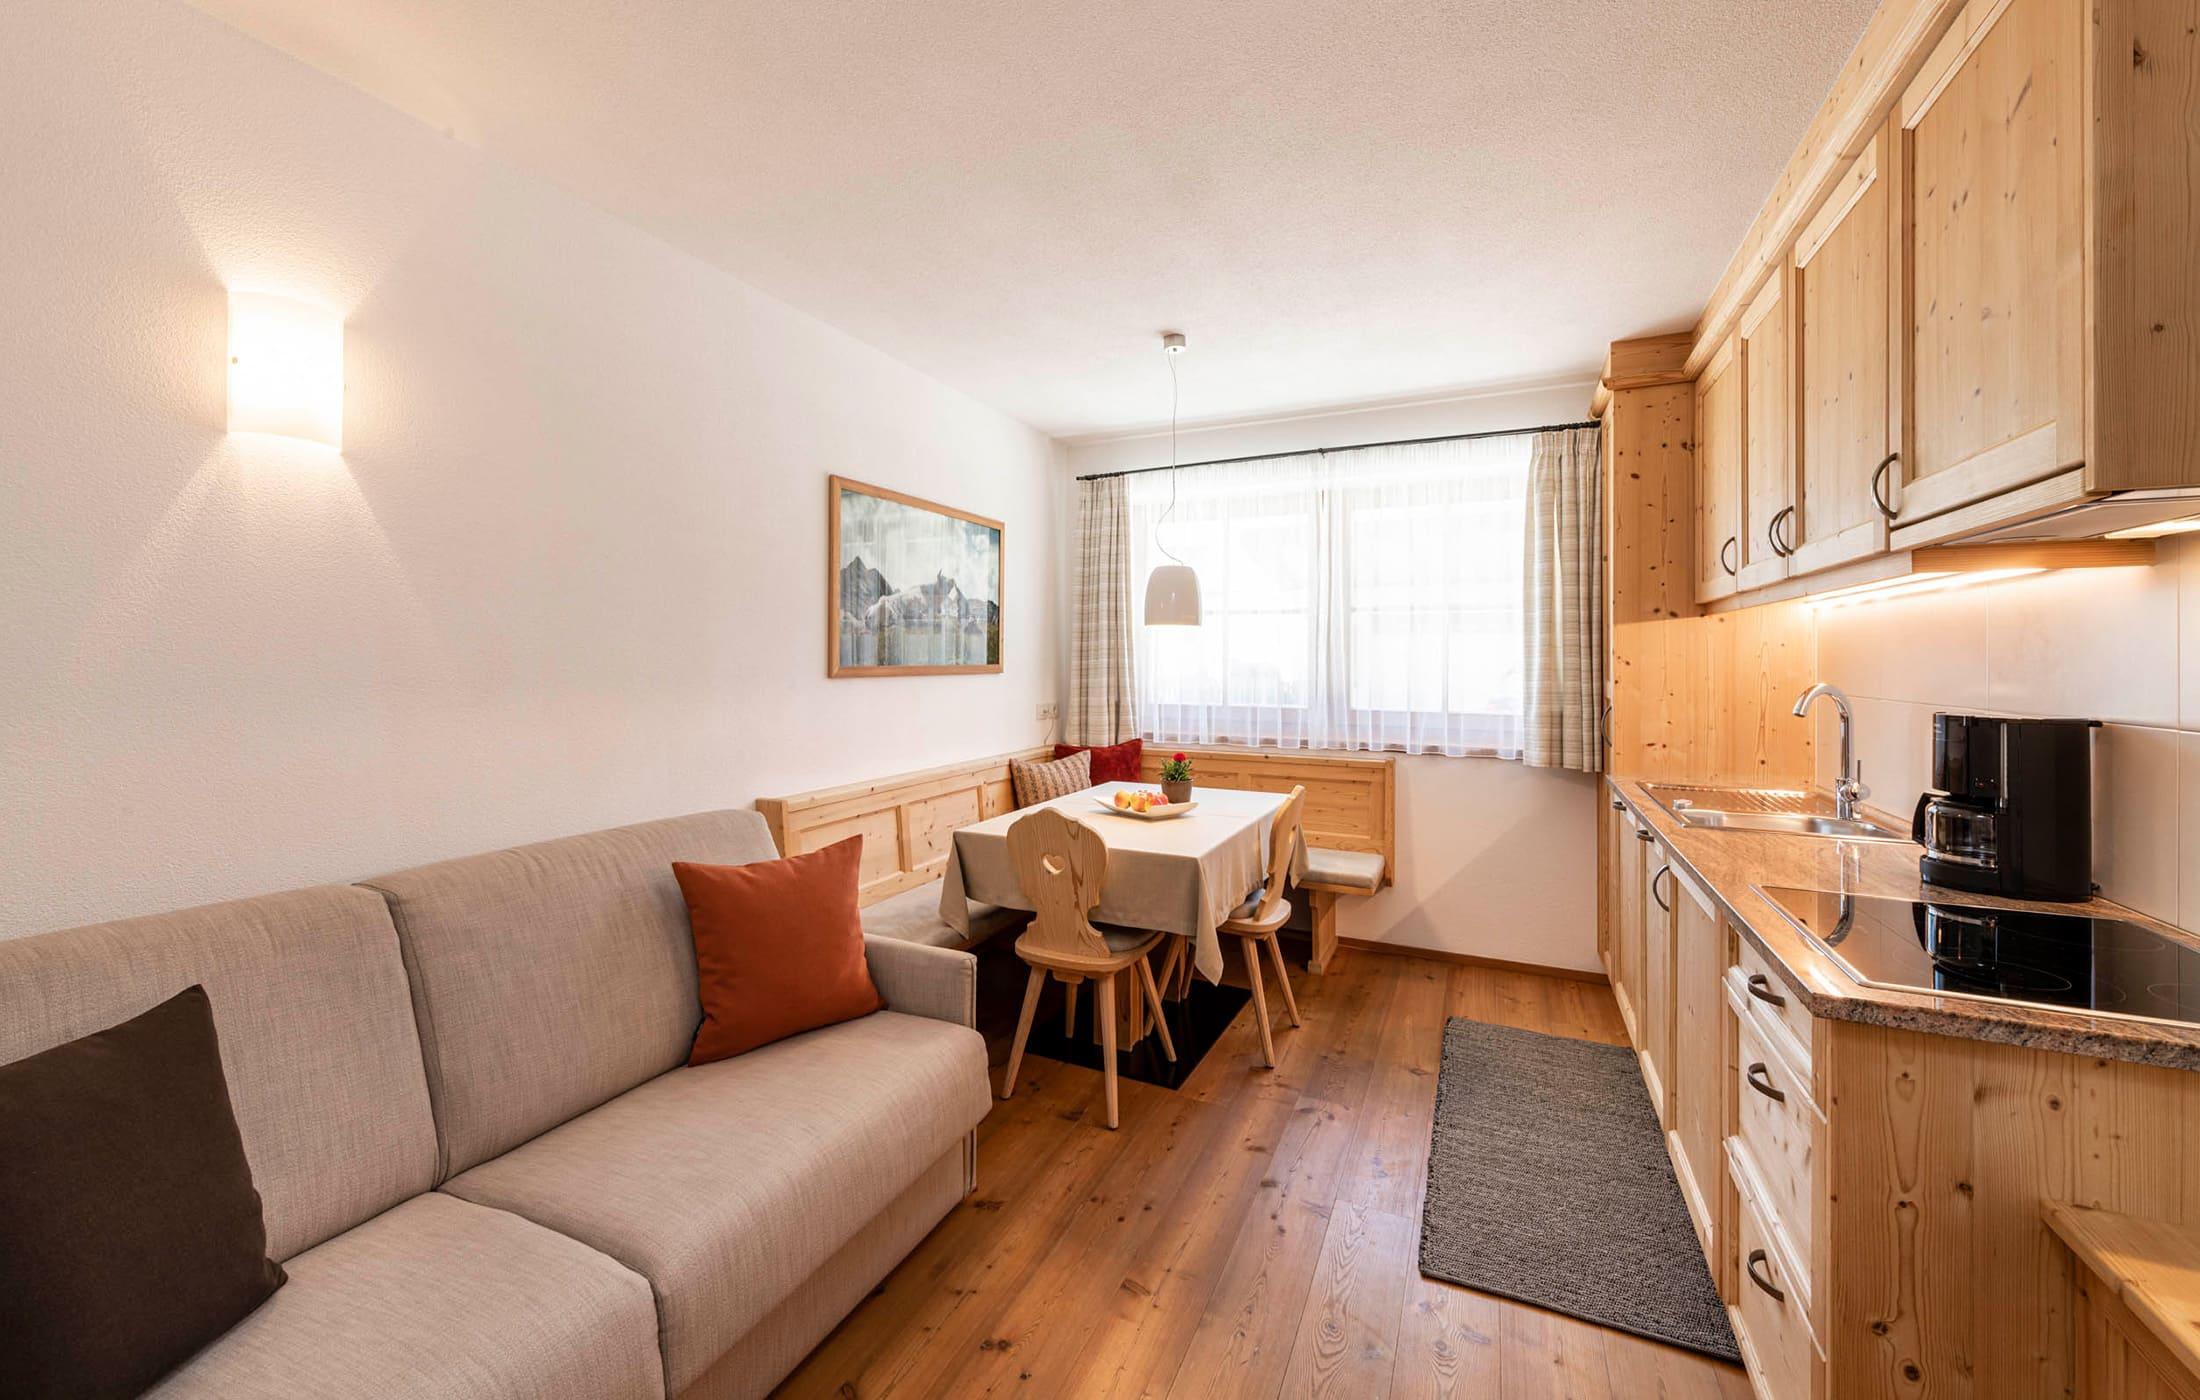 Christlrumerhof Slider Bauernhof Ferienwohnungen Appartement